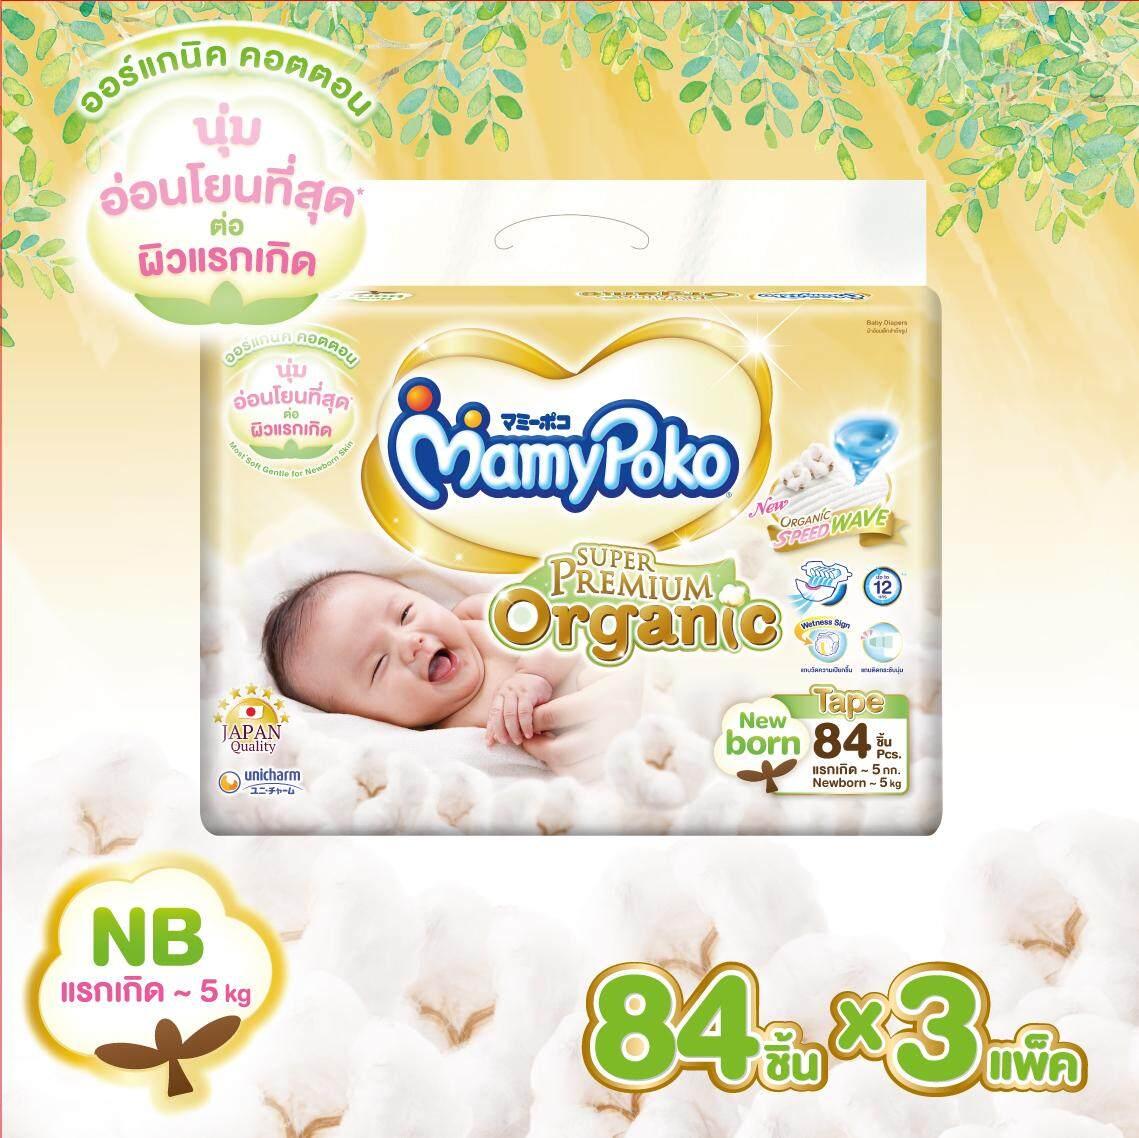 ขายยกลัง! MamyPoko Super Premium Organic ผ้าอ้อมเด็กแบบเทป มามี่โพโค ซุปเปอร์ พรีเมี่ยม ออร์แกนิค ไซส์ New born (แรกเกิด) จำนวน 84 ชิ้น X 3 แพ็ค